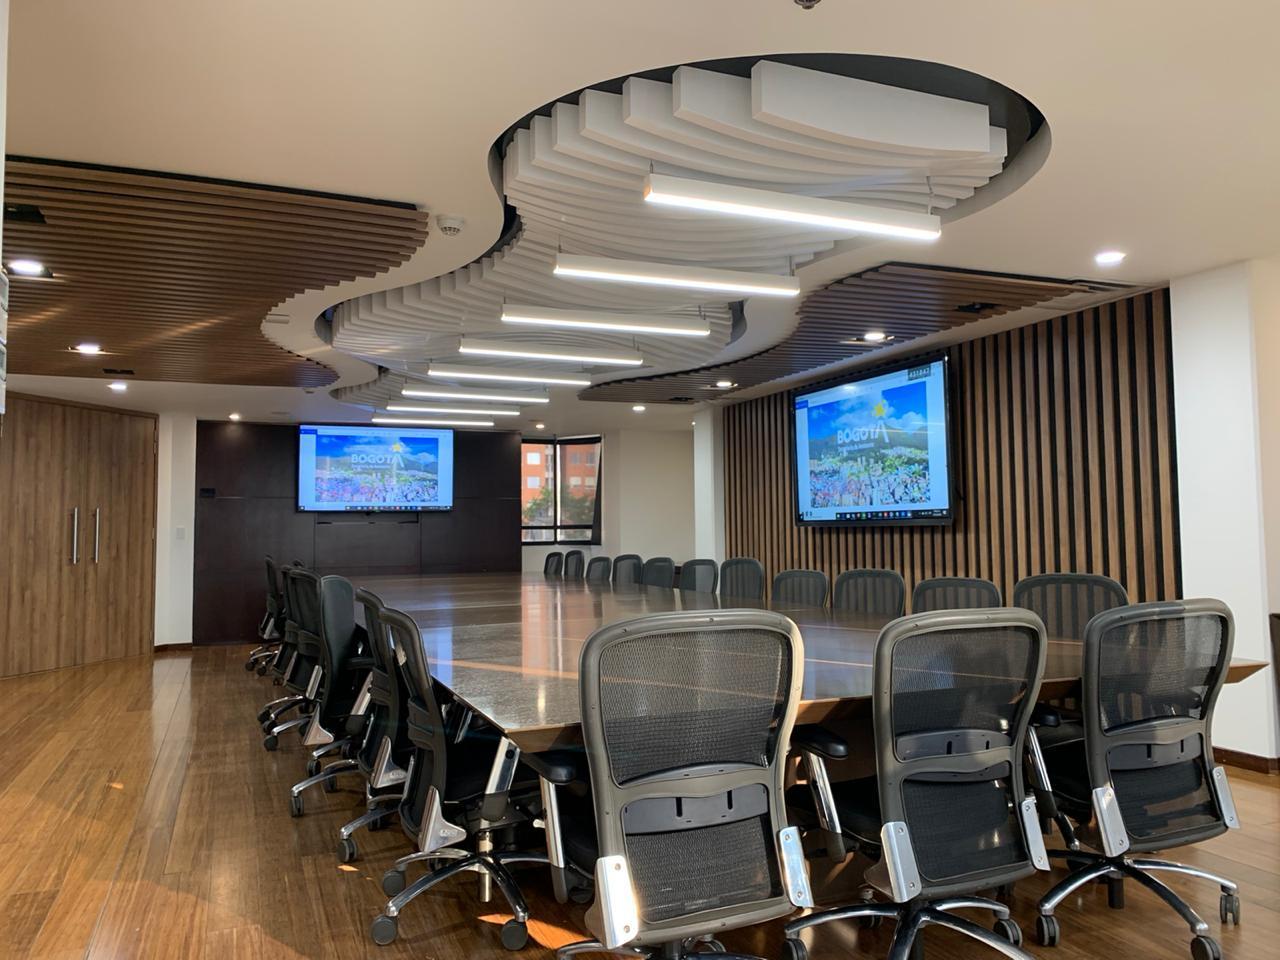 Atlona proyectos de audio video iluminación pantallas interactivas control